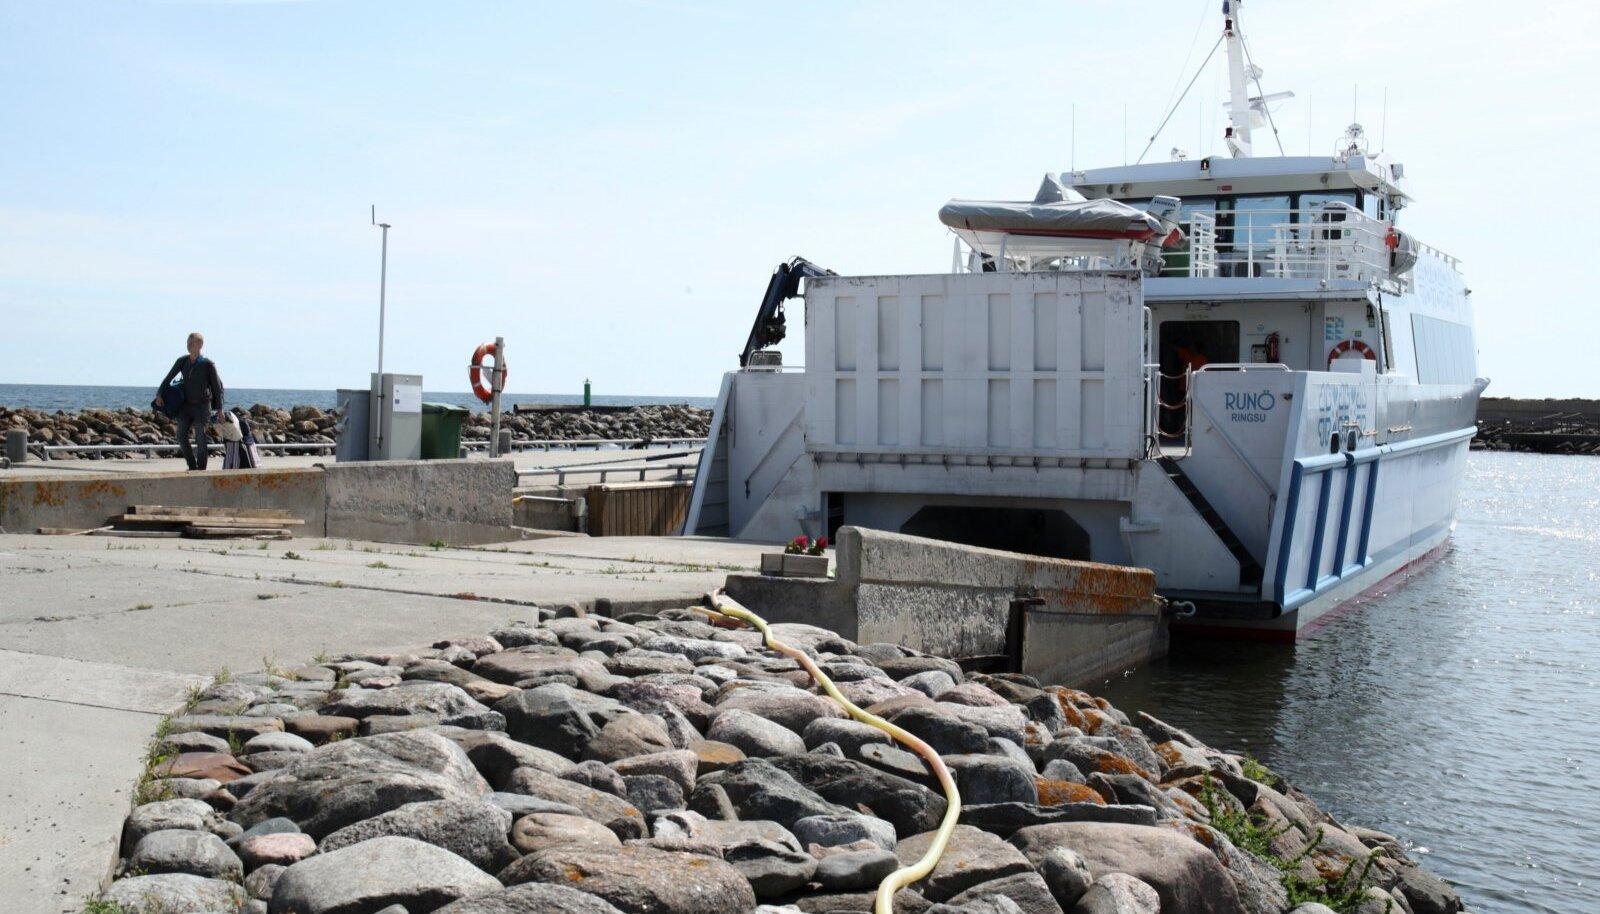 Ruhnu on suvel populaarne sihtkoht, ent laevaliiklus saare vahet on paras õnnemäng. Toimib või ei toimi.